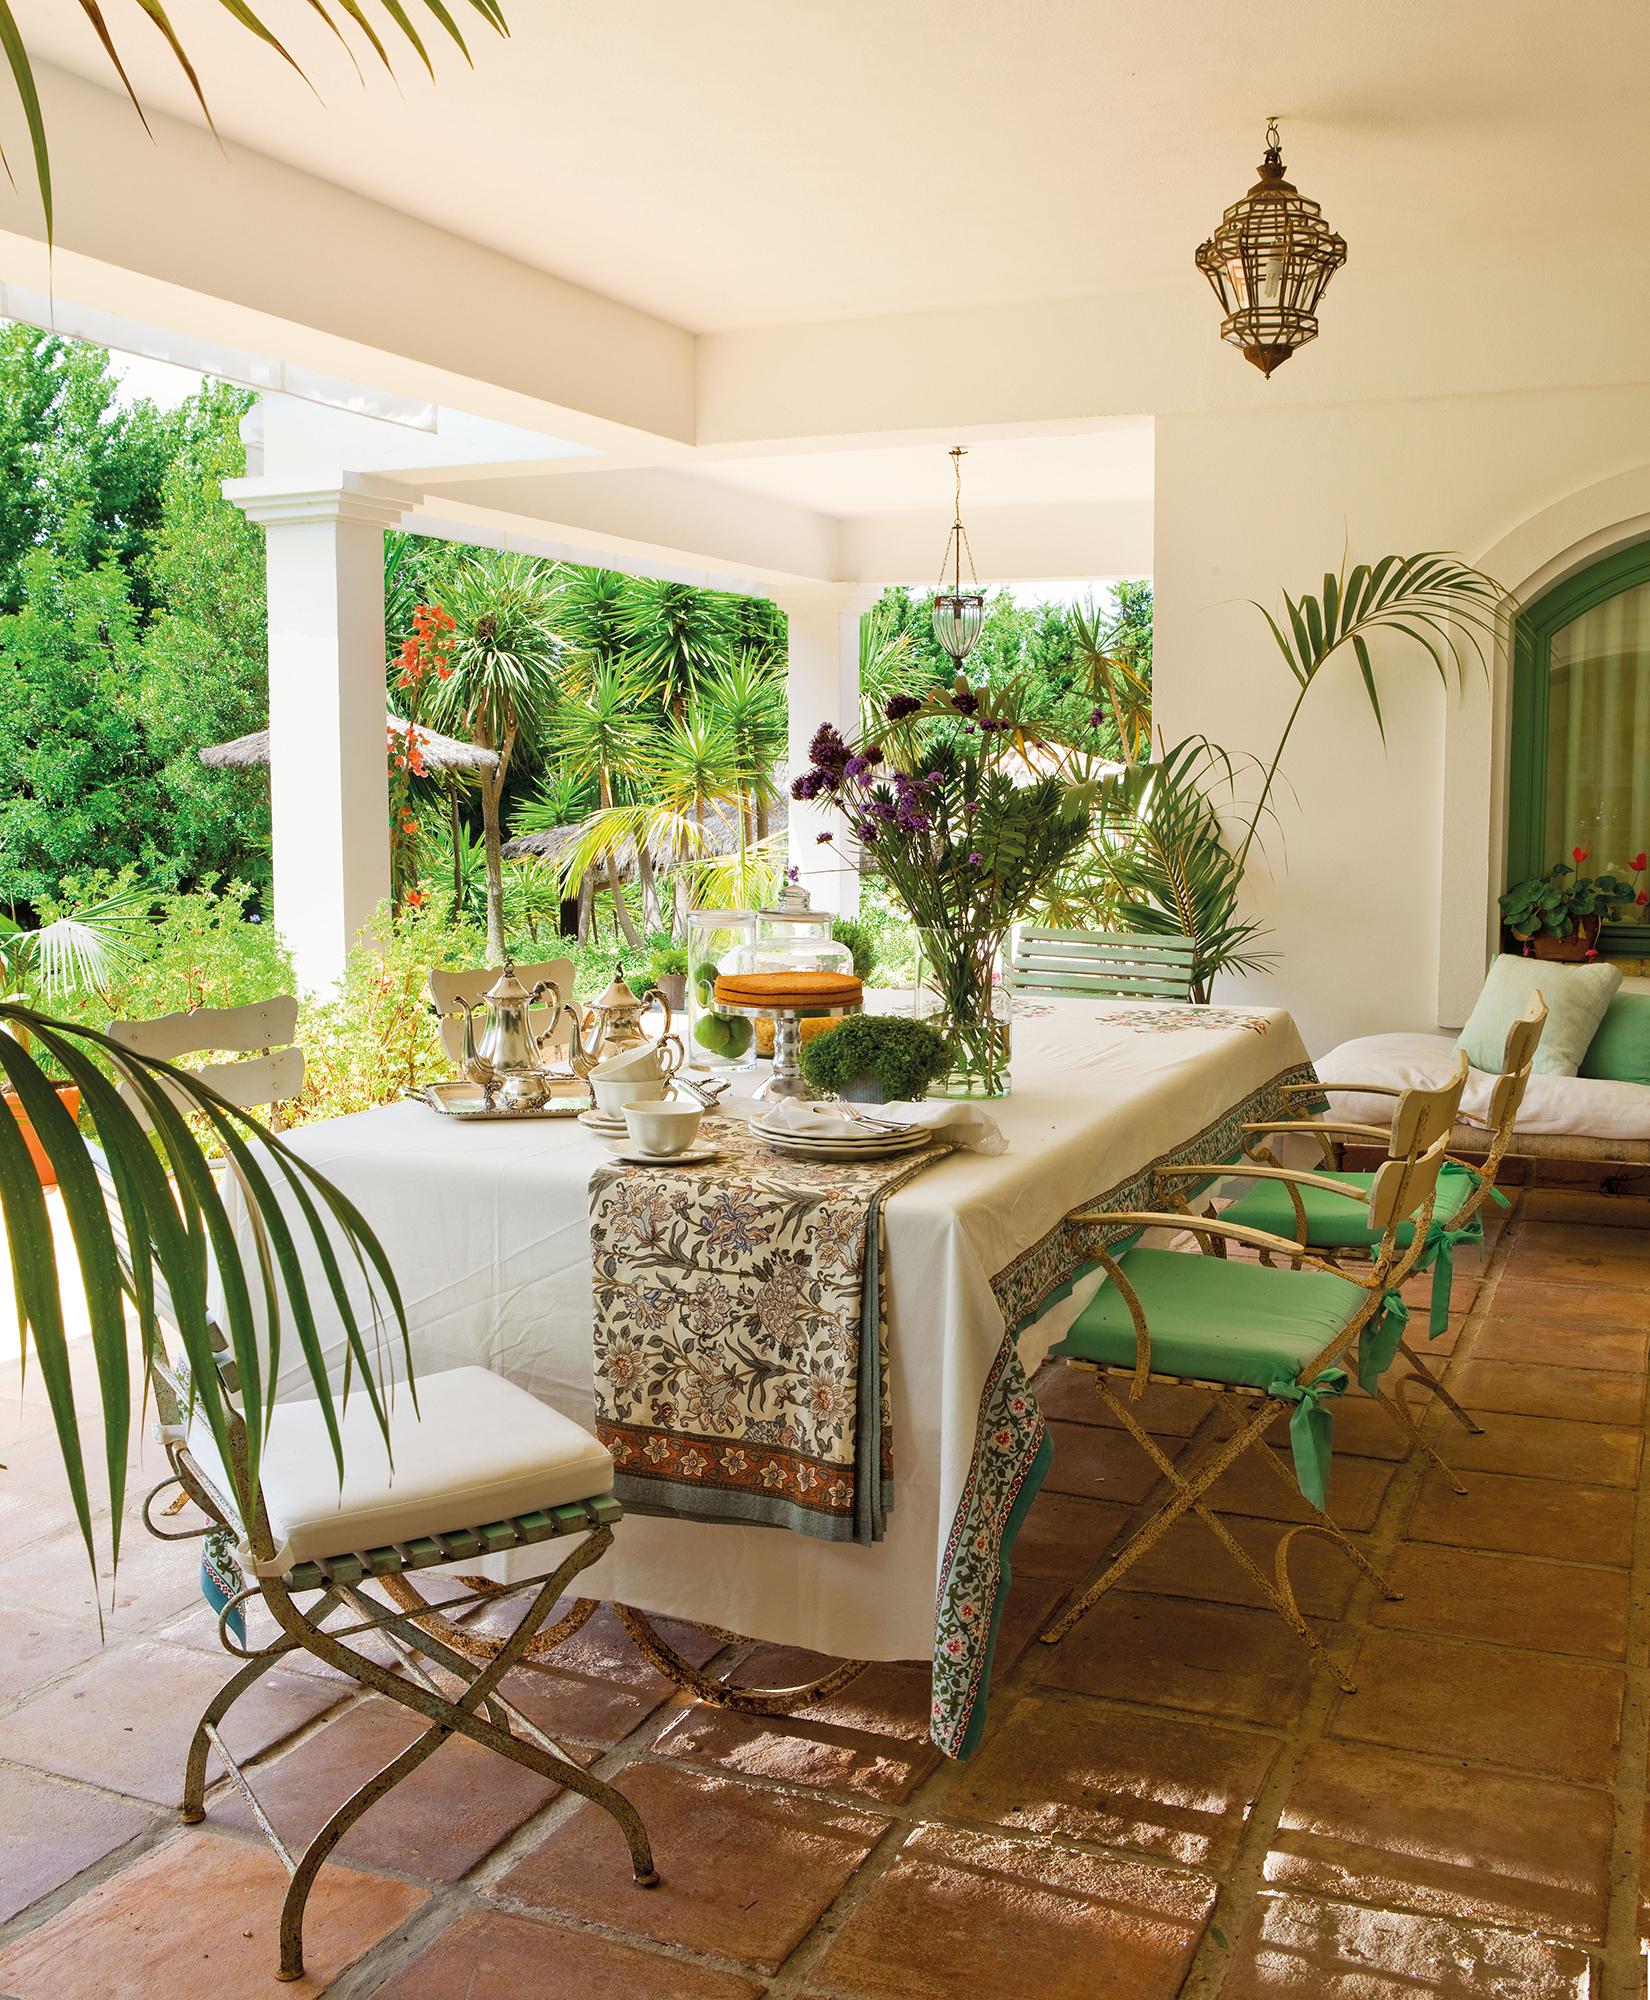 Comedores De Exterior Los 50 Mejores De El Mueble # Muebles Didecor